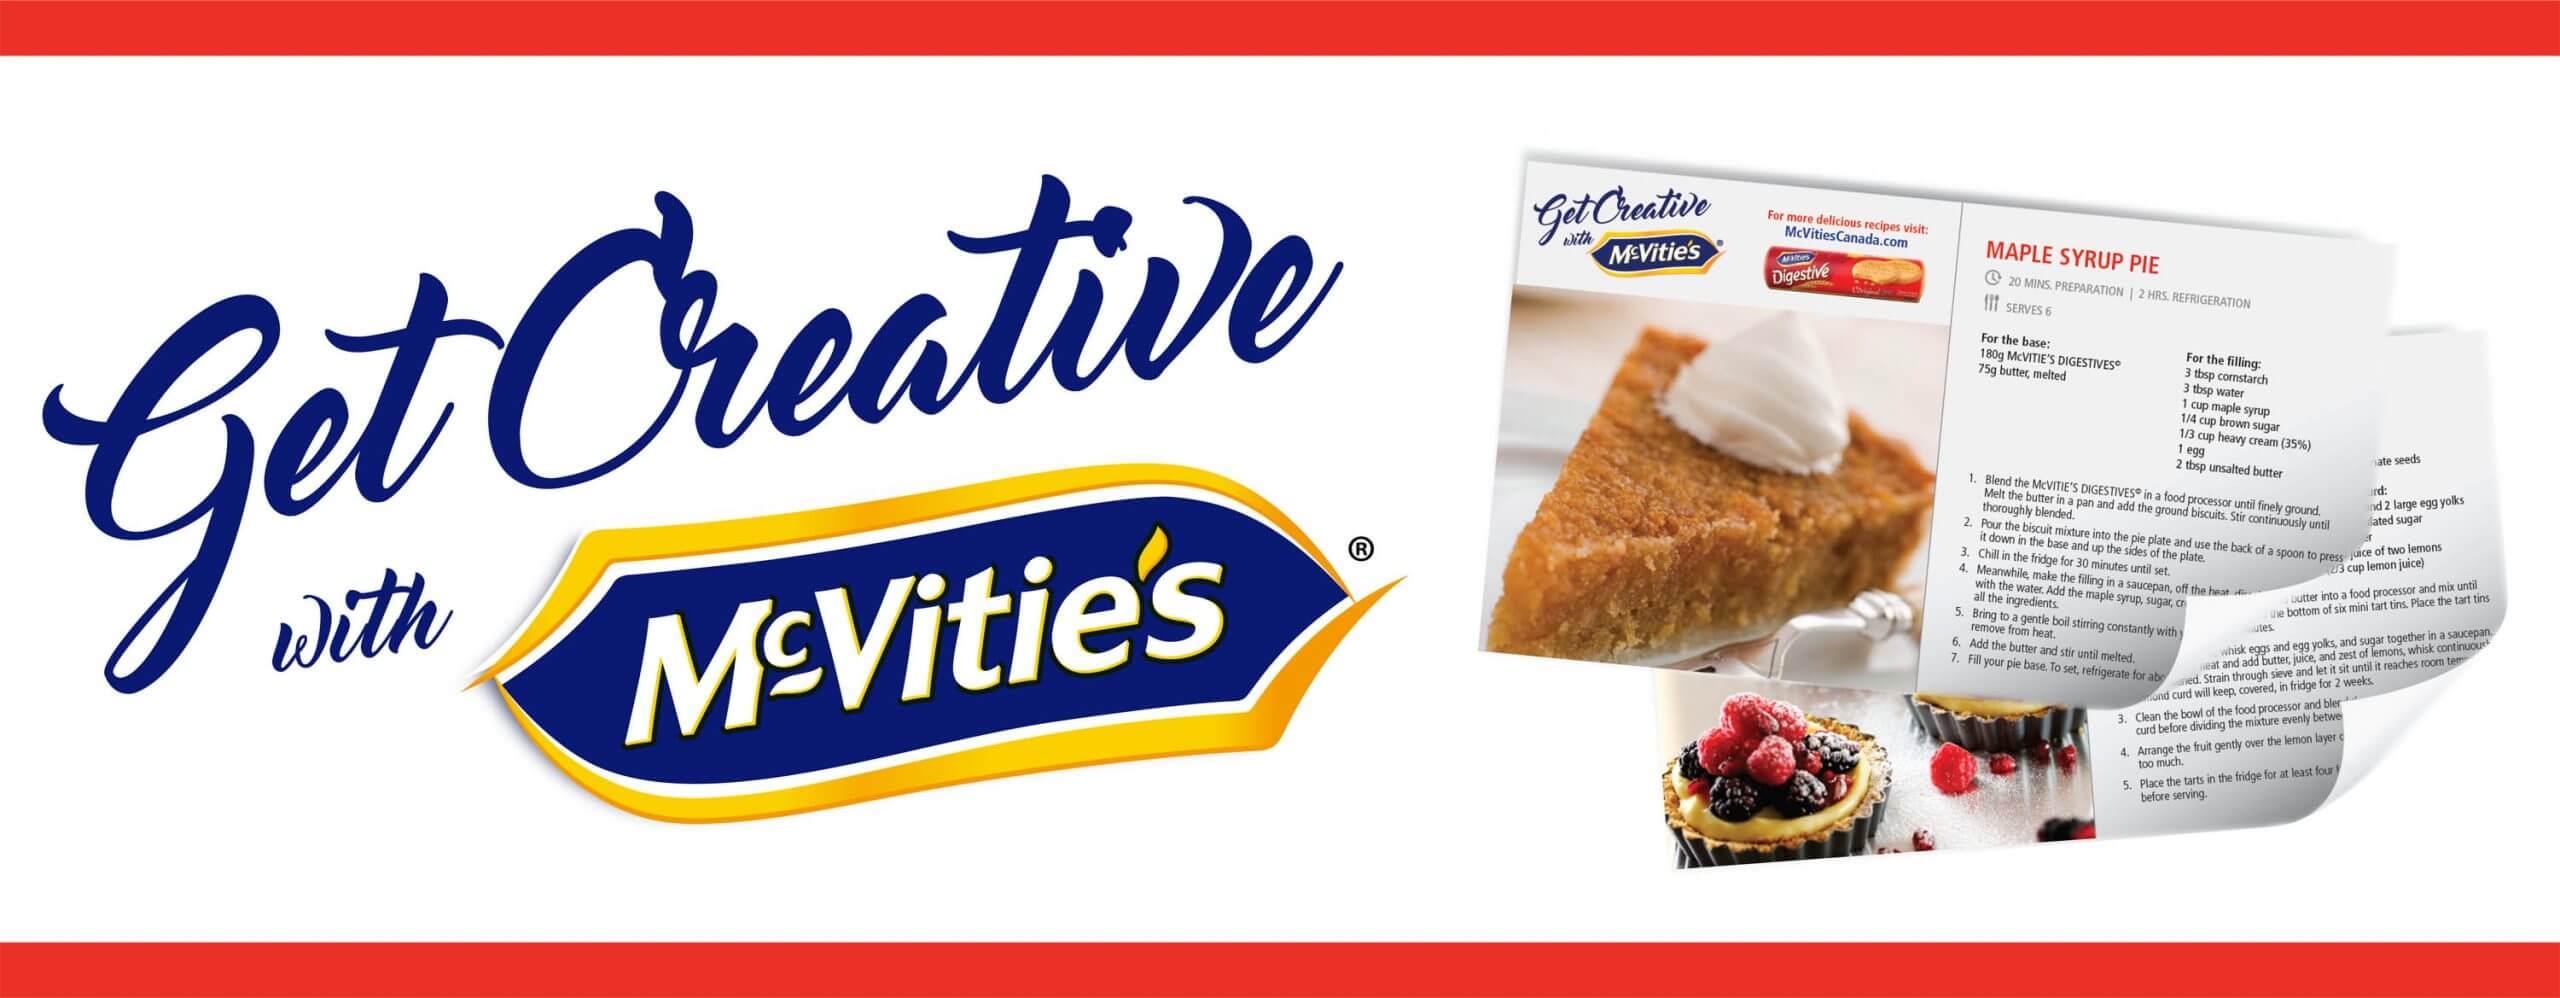 mcvities-get-creative